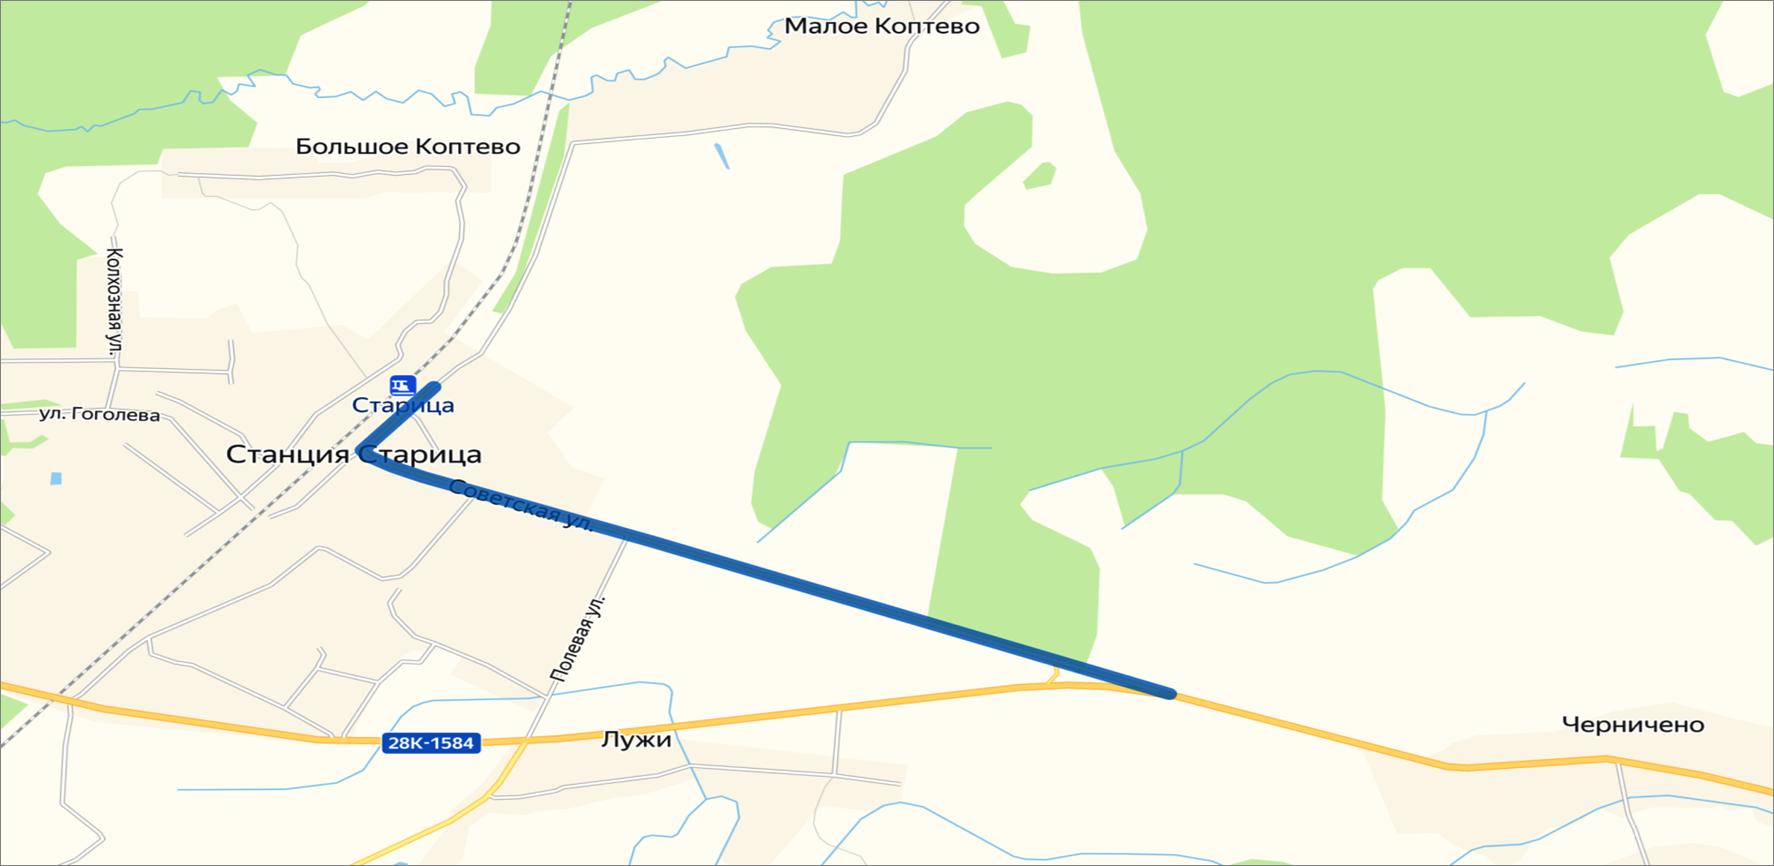 В Тверской области в программу дорожных работ на 2020 год включены два дополнительных объекта